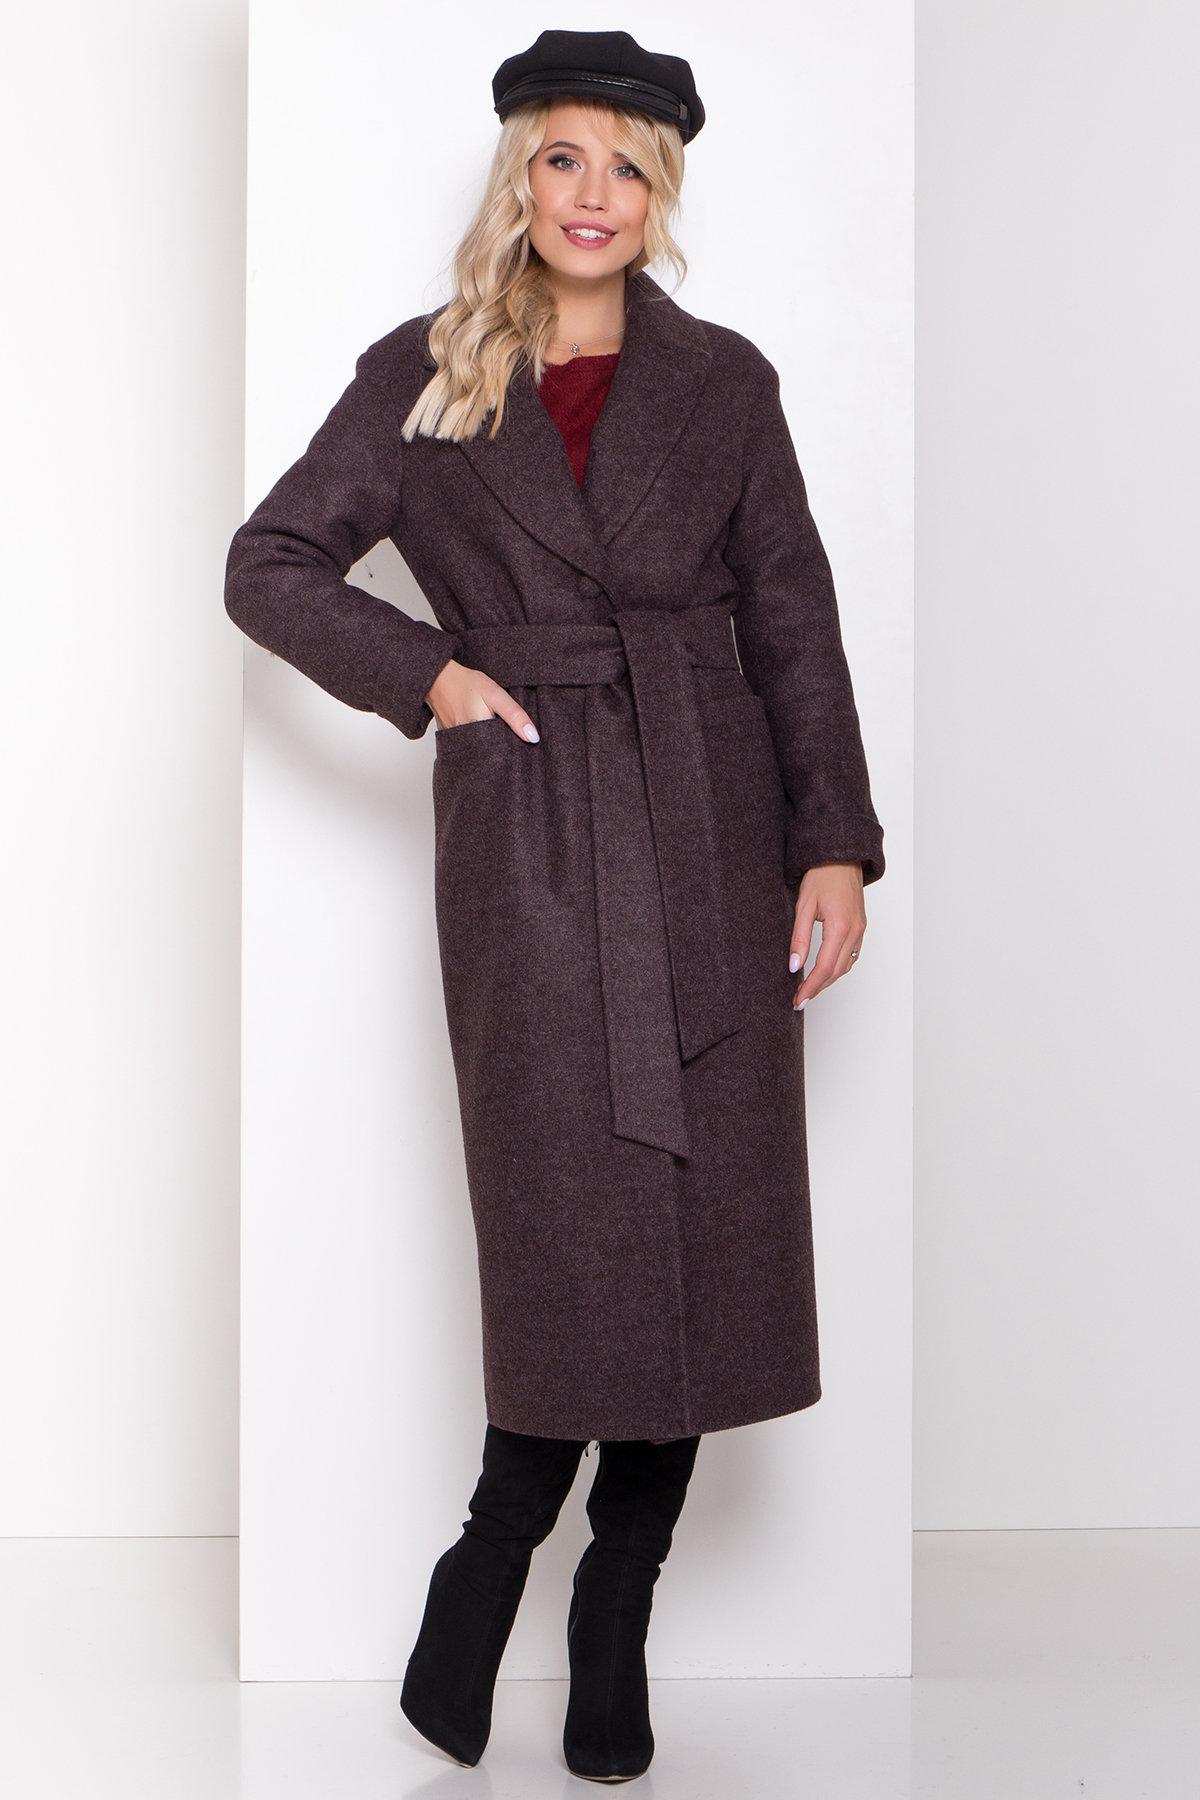 Длинное пальто зима Вива макси 8341 АРТ. 44495 Цвет: Шоколад 7 - фото 4, интернет магазин tm-modus.ru